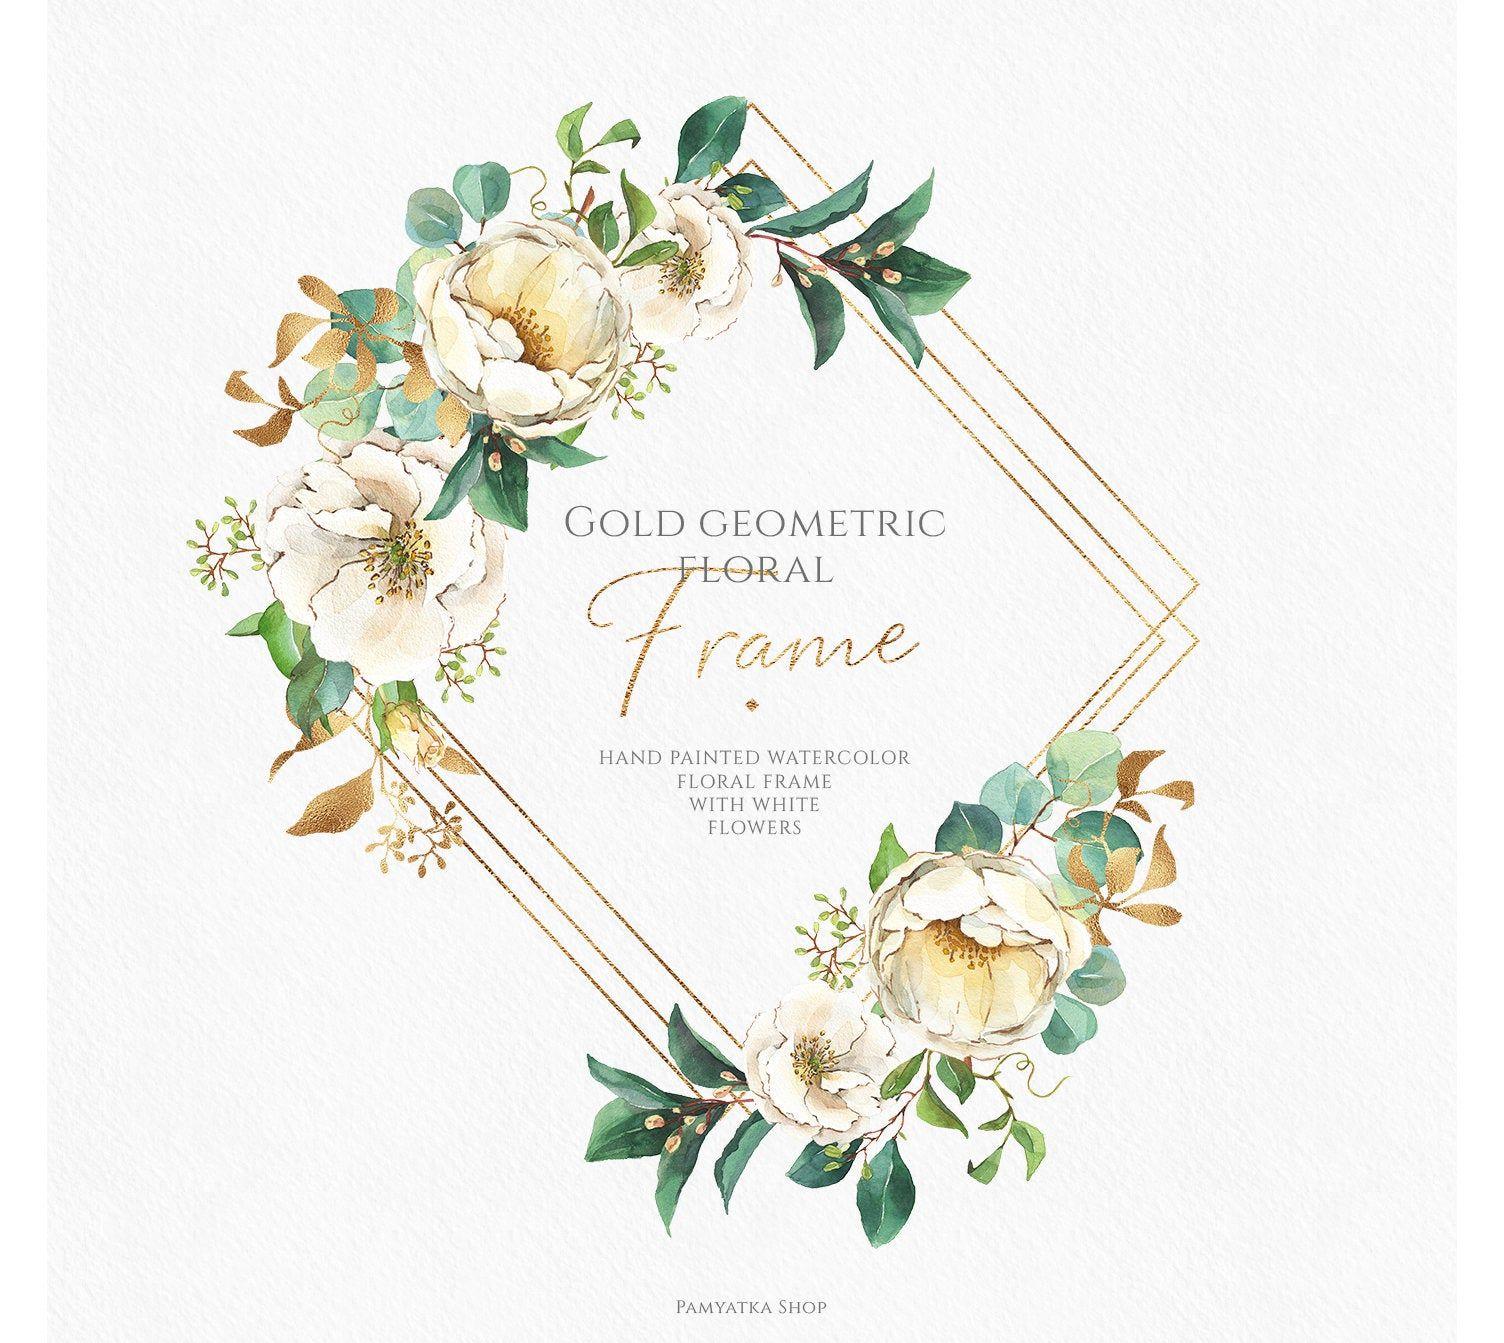 Download Premium Png Of Rectangle Gold Frame With Floral Outline 2019684 Frame Border Design Gold Border Design Floral Border Design